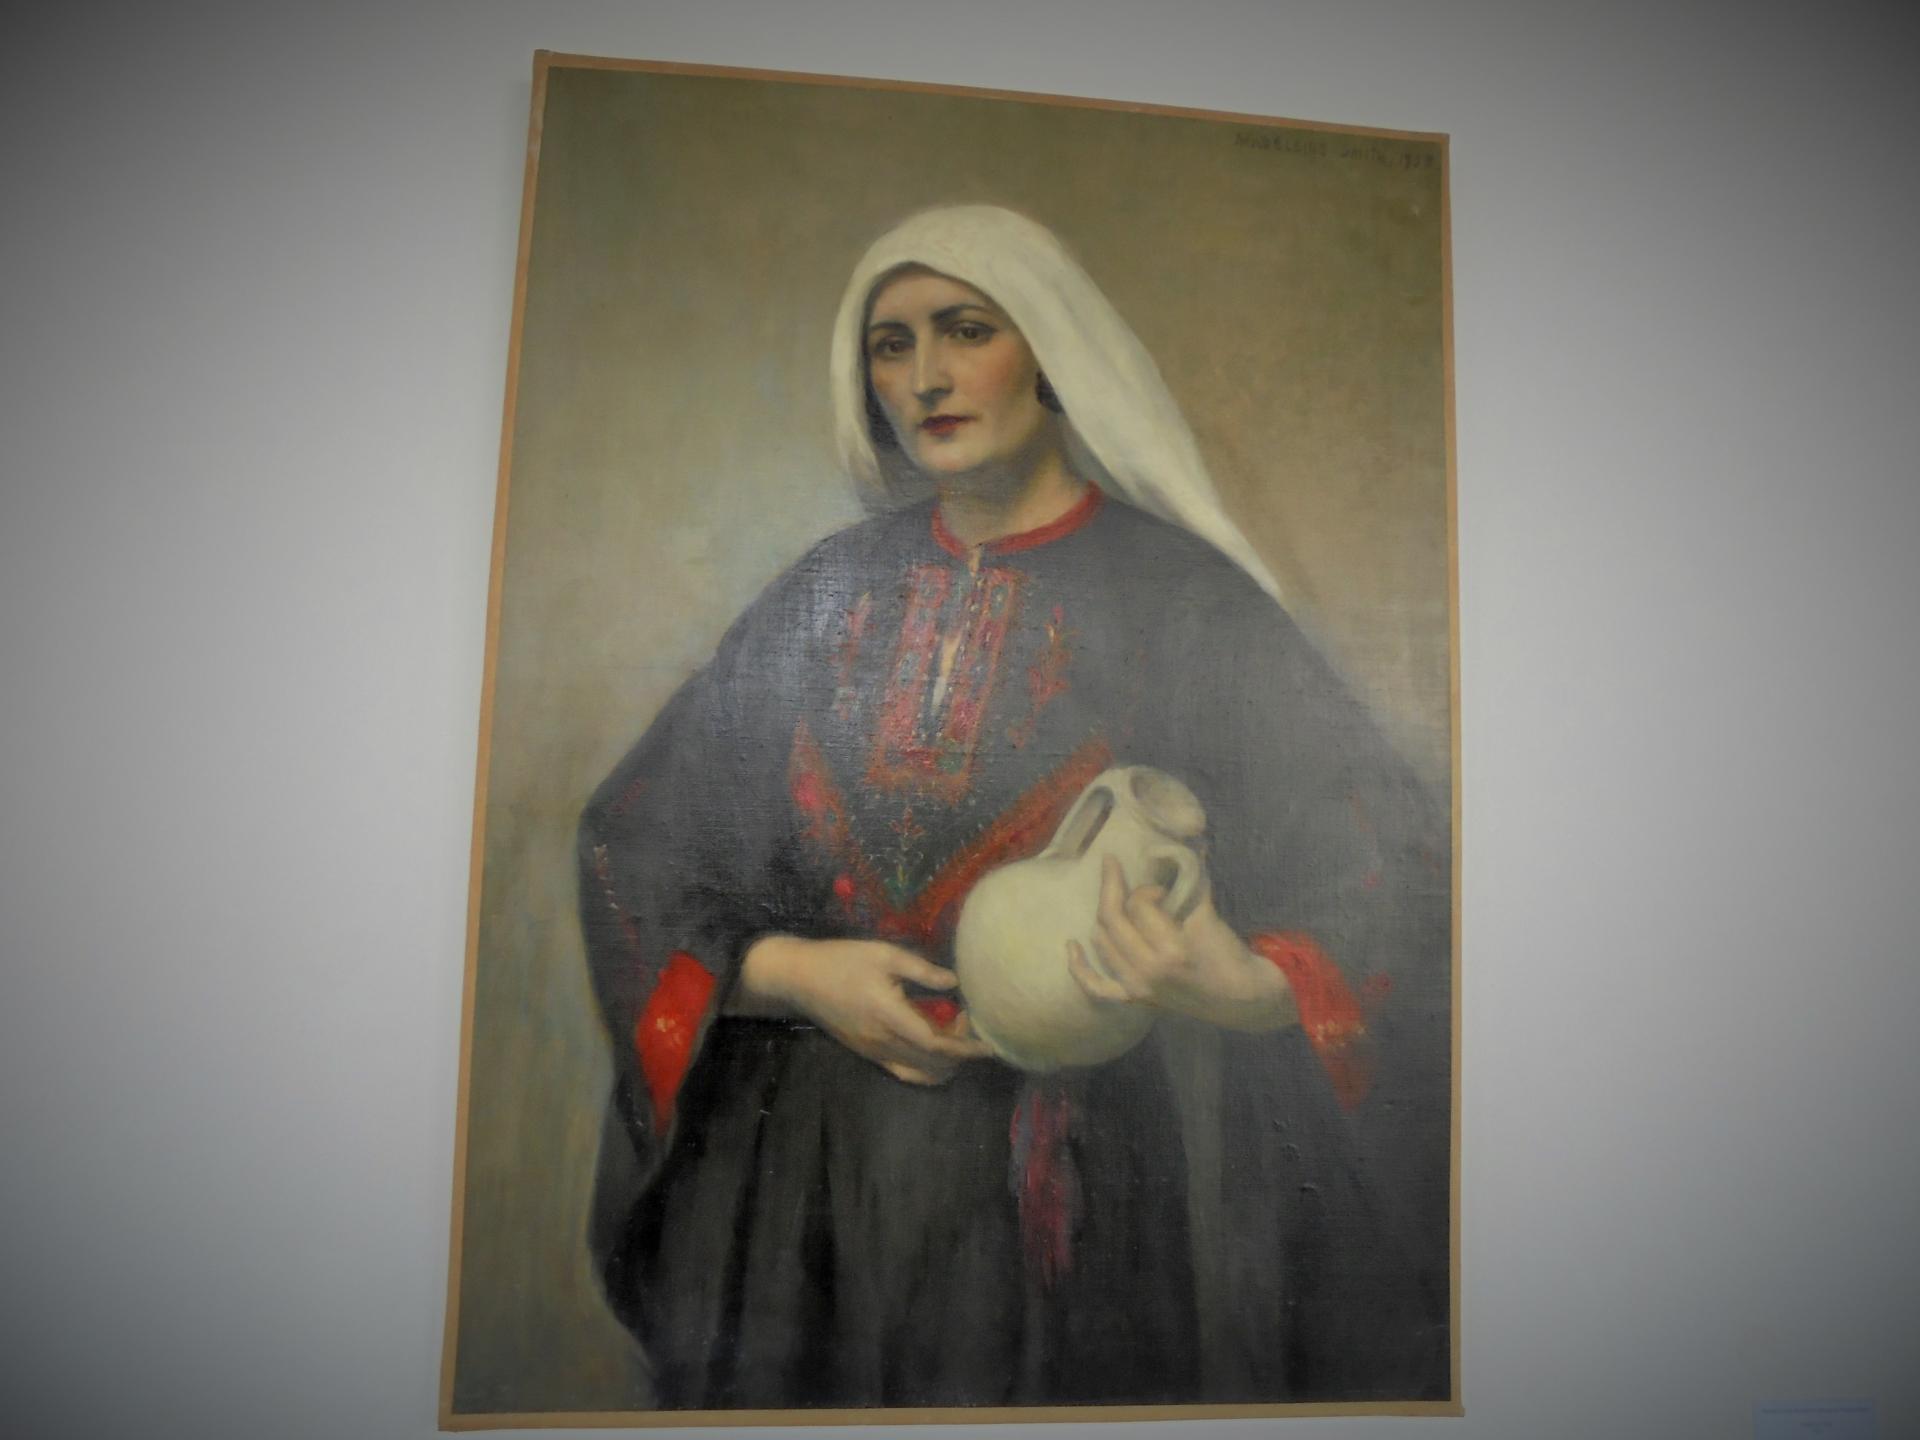 Portrait d'une femme en tenue du Proche-Orient huile sur toile 1933Collection FNAGP Numéro d'inventaire 103 © FNAGP2 (2)